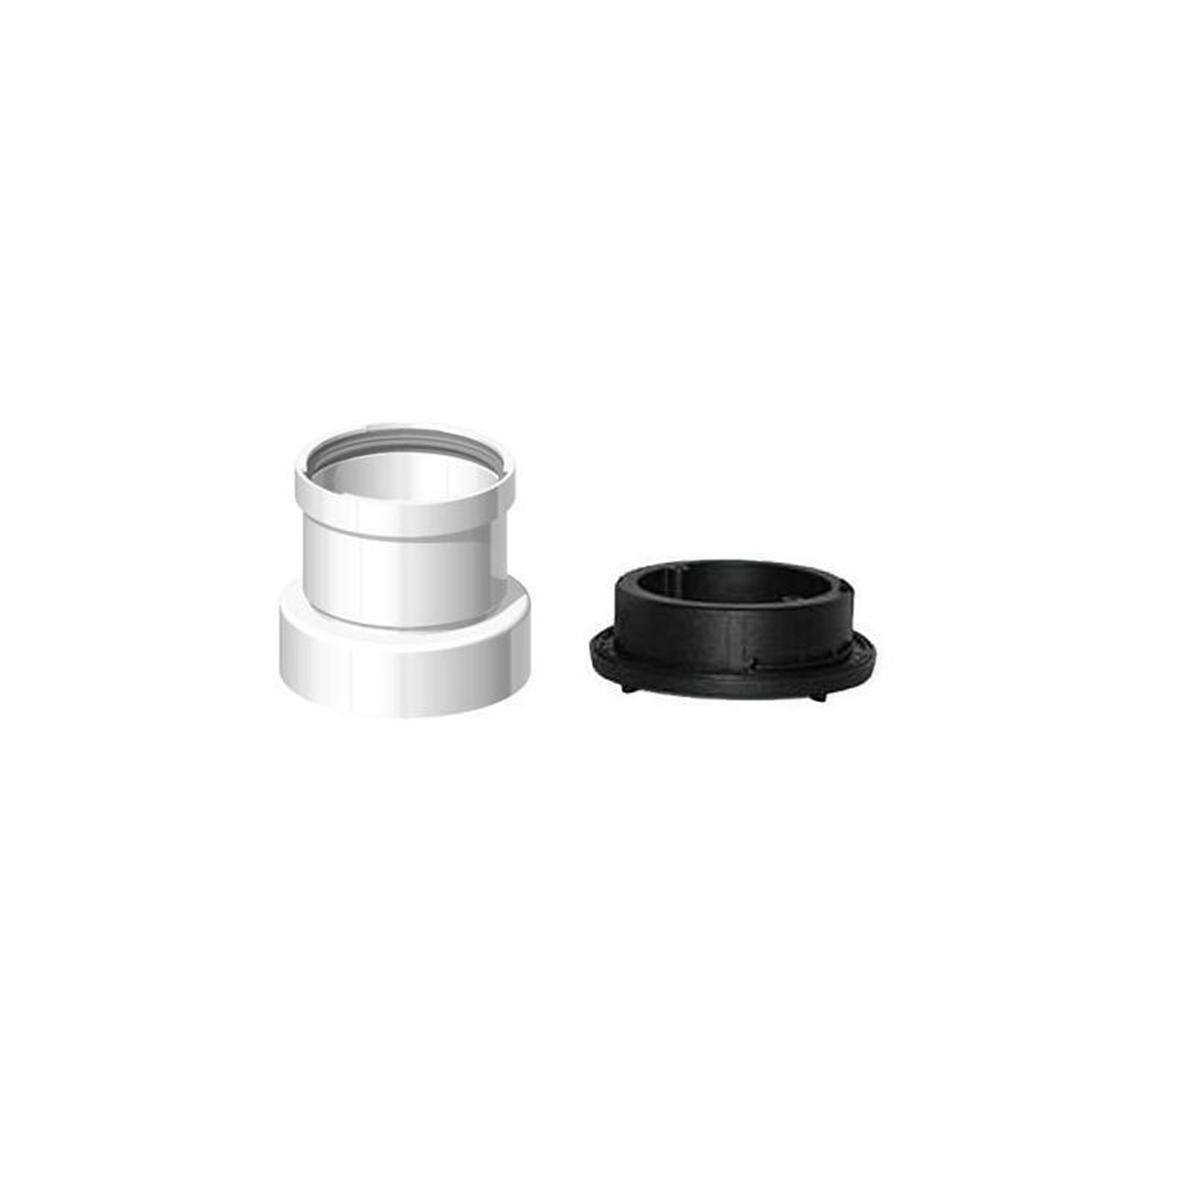 Sdoppiatore caldaia condensazione ariston chaffoteaux elco//ecoflam